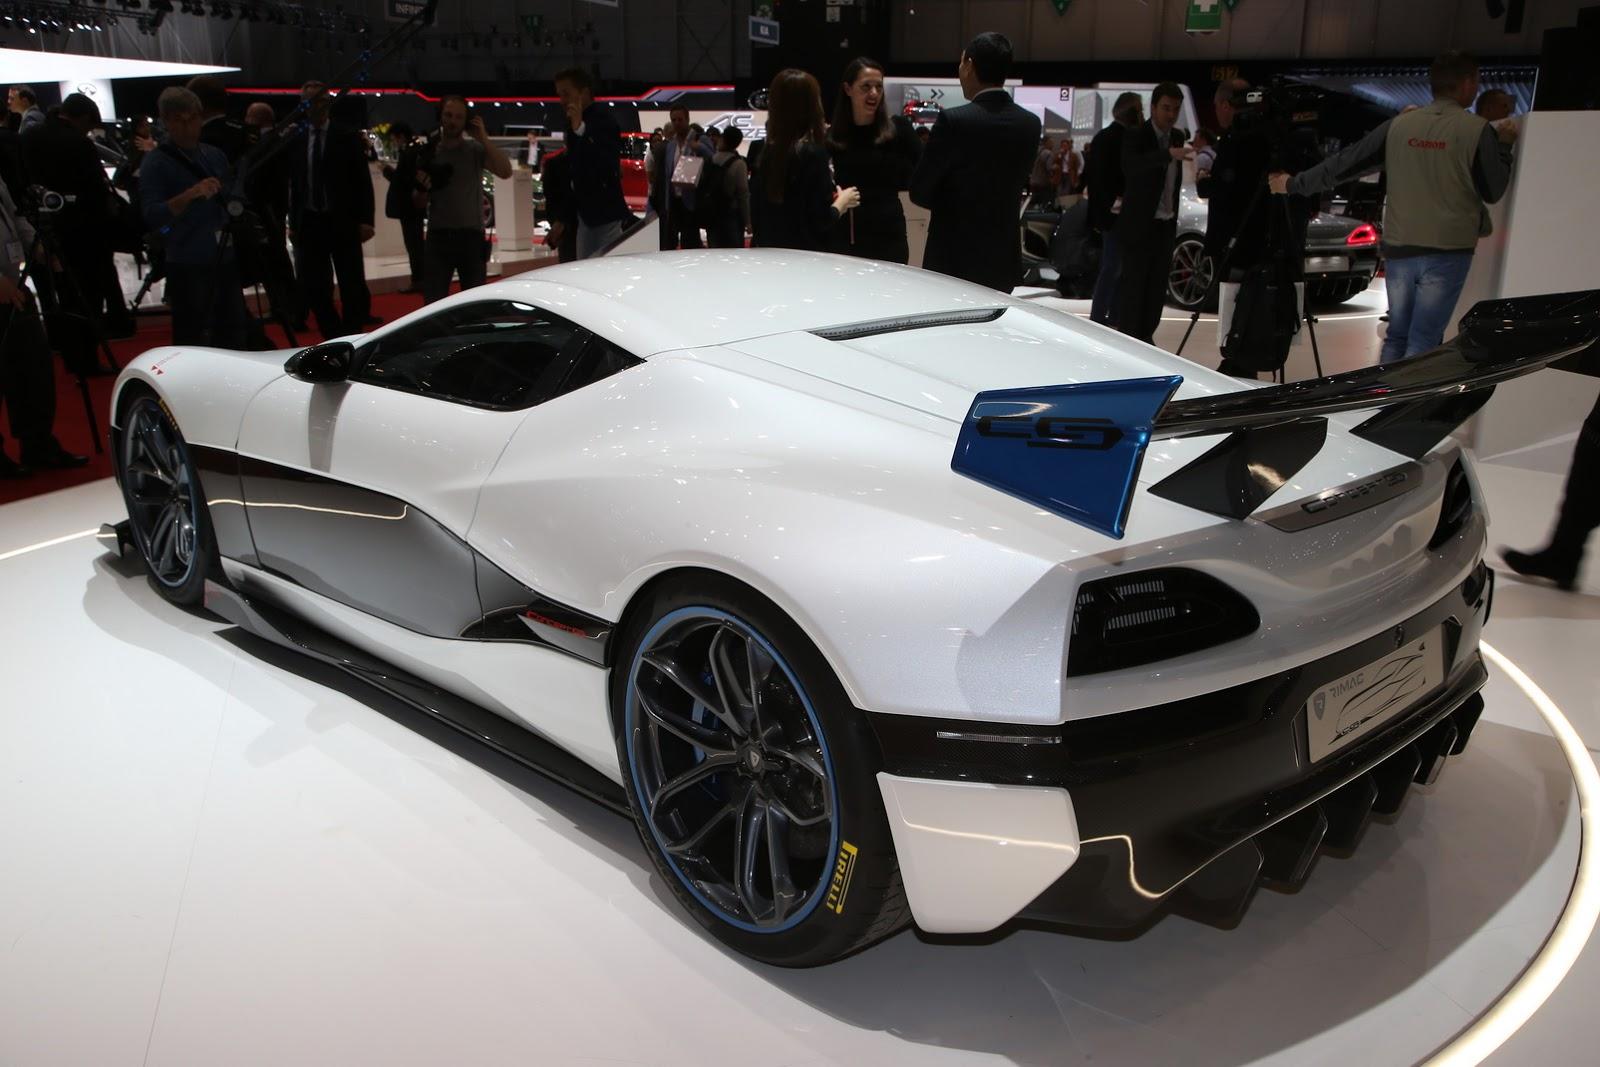 Nếu bạn thấy chiếc Rimac Concept S, bạn sẽ muốn cưỡi lên và đua ngay